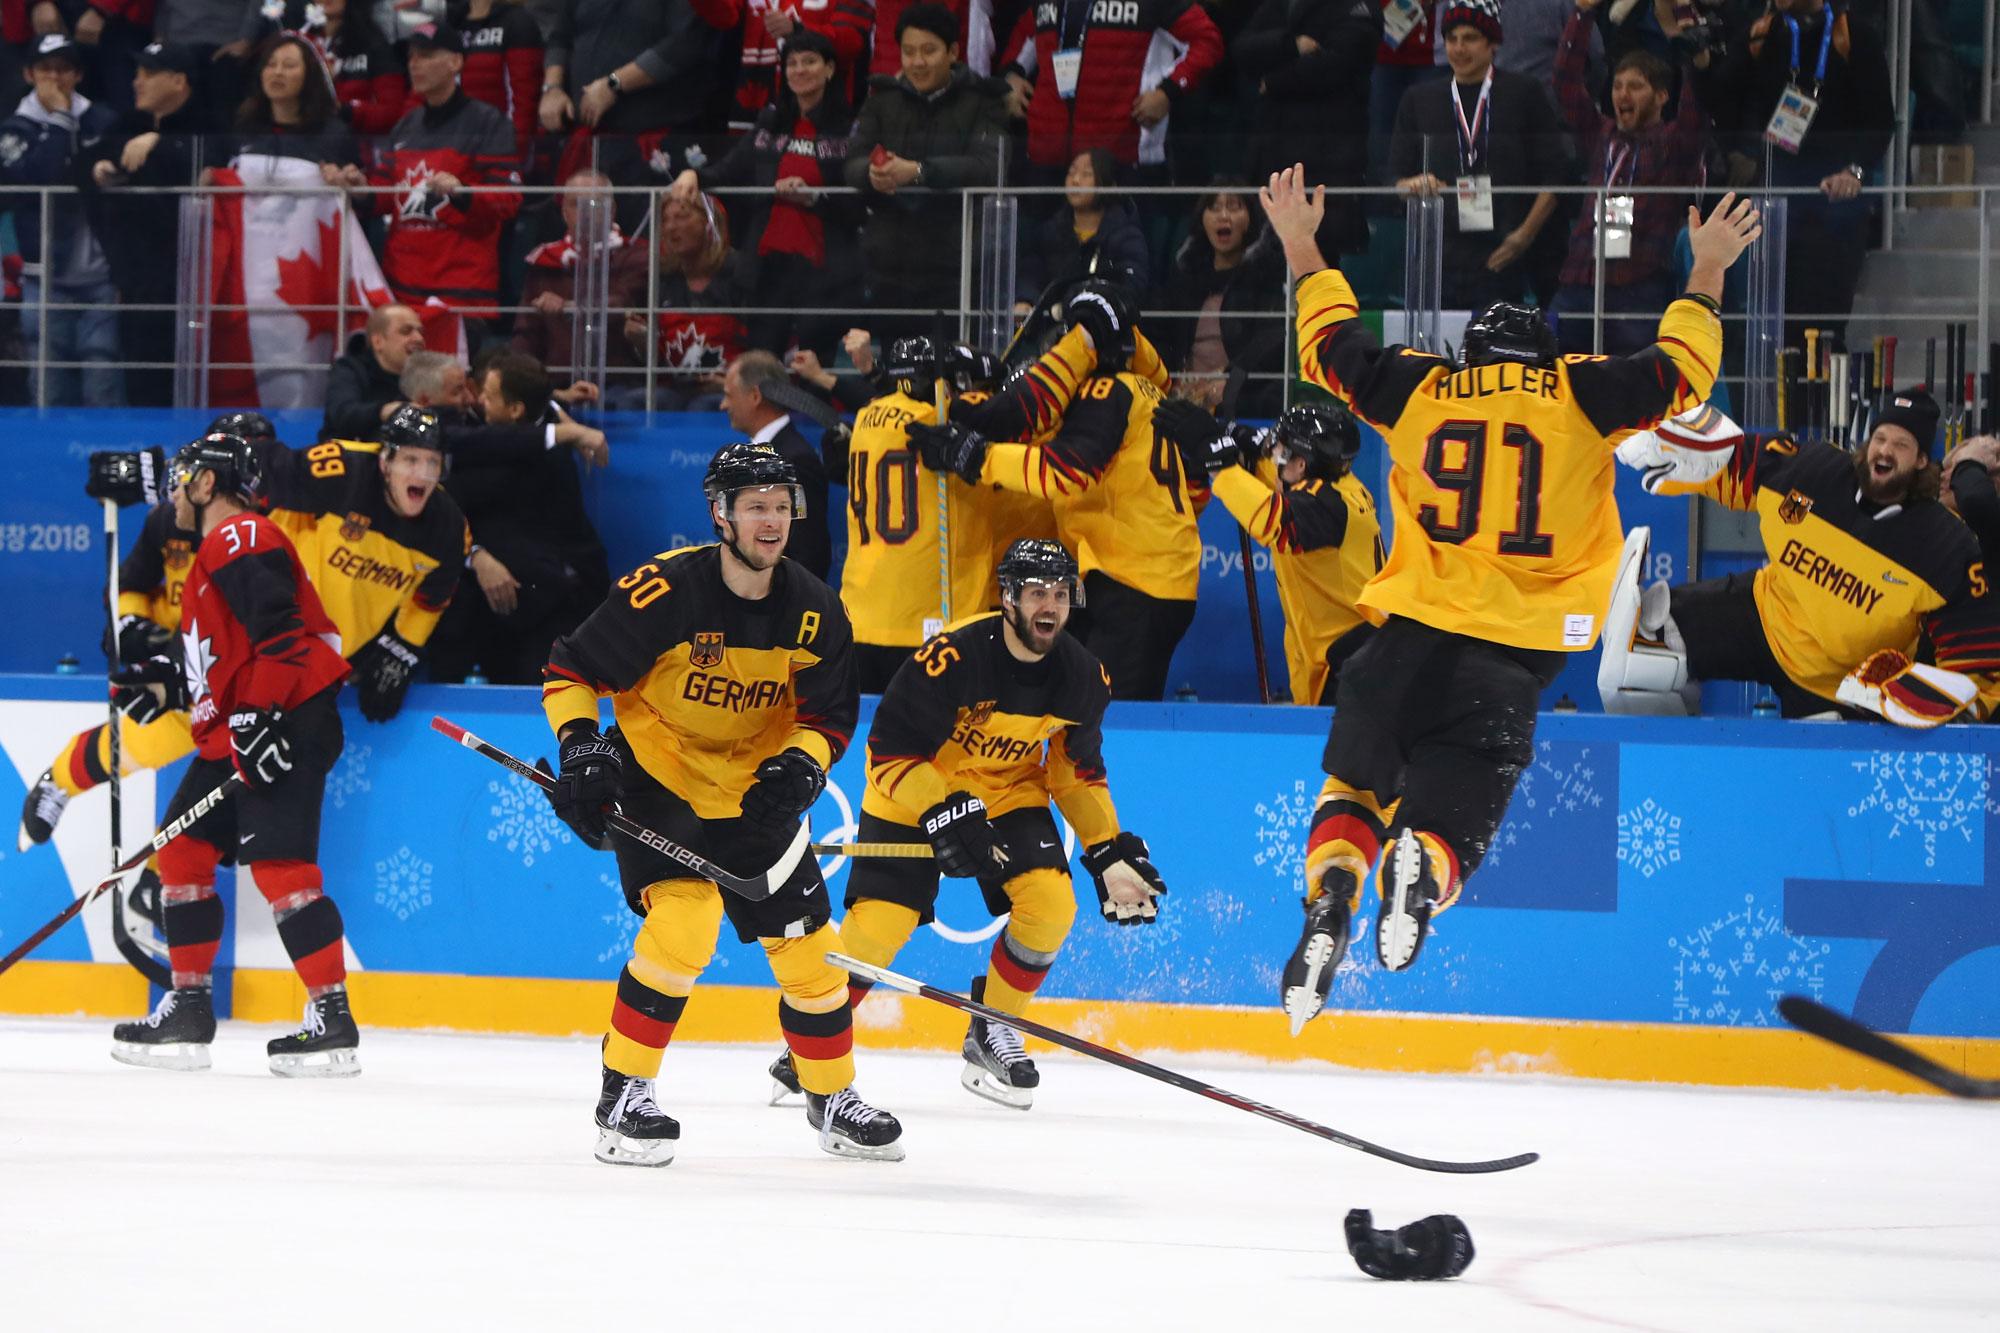 olympia eishockey finale